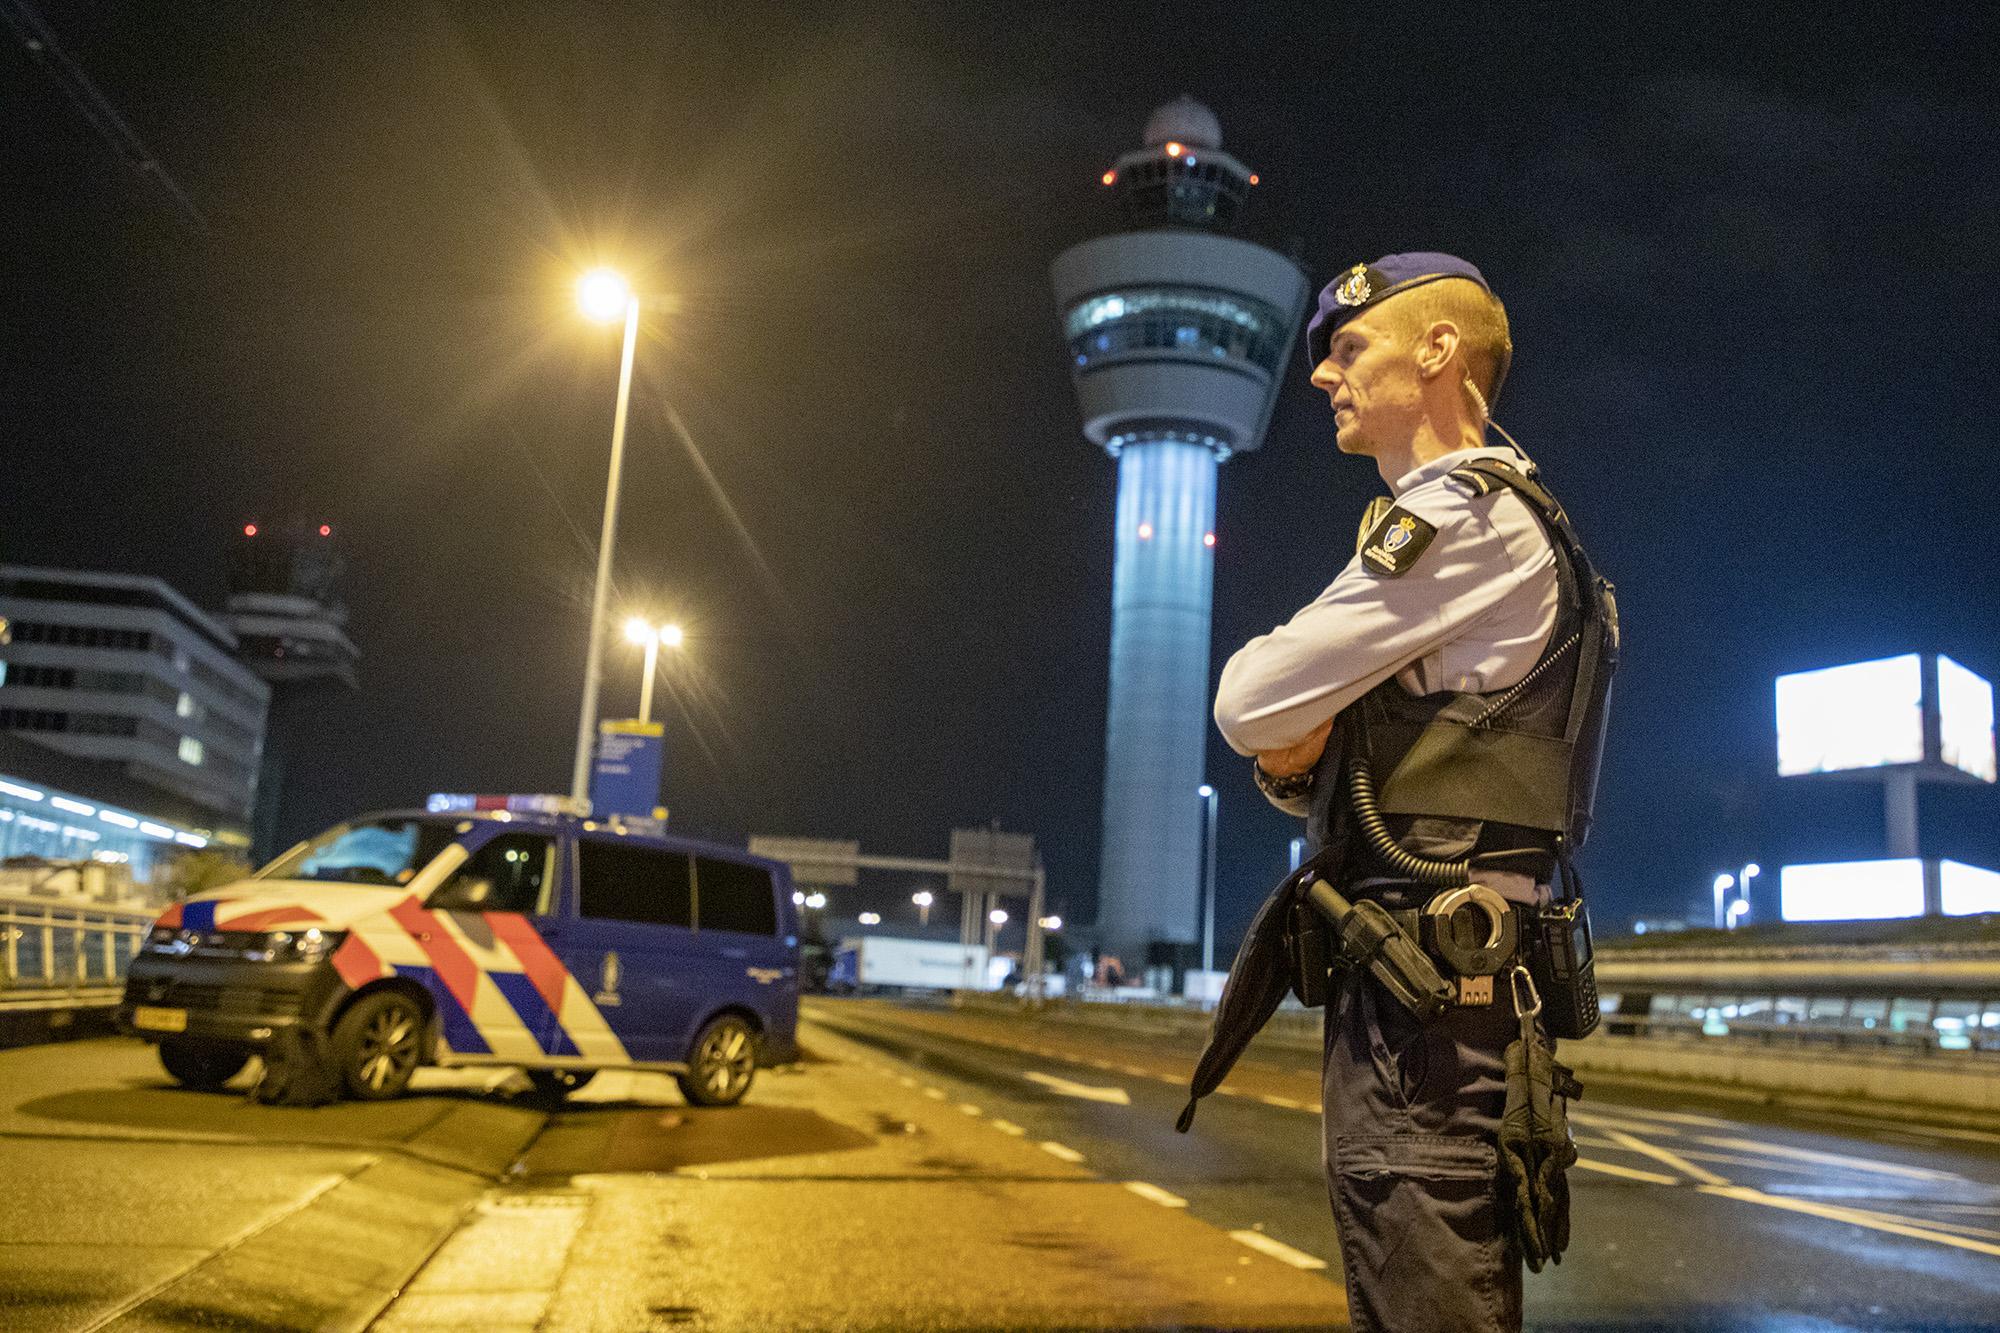 In been geschoten man op Schiphol zorgde eerder voor overlast